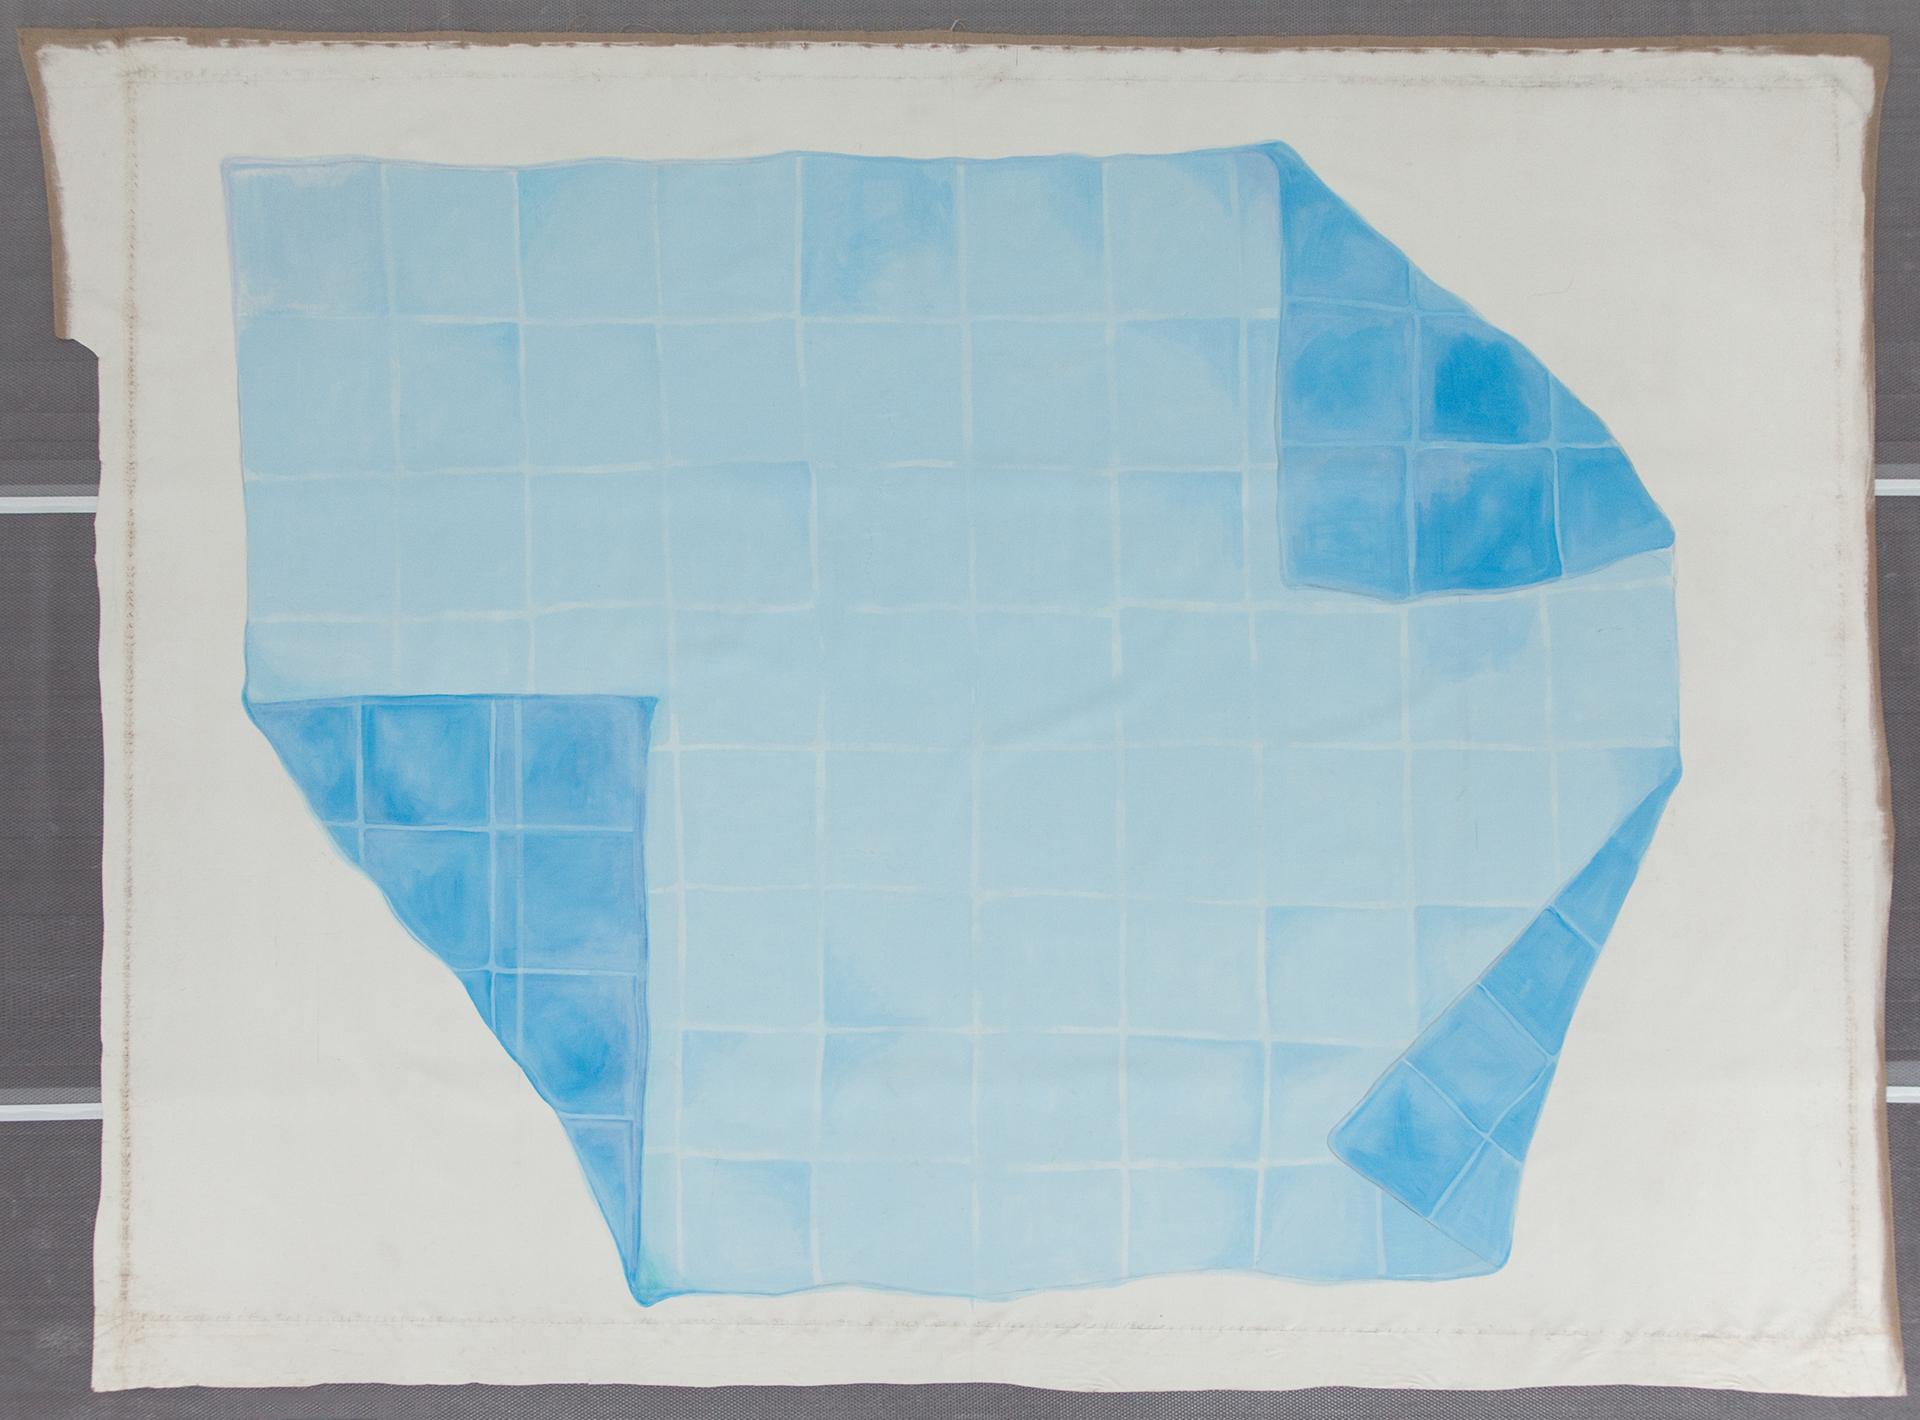 Oswald Oberhuber, Ohne Titel (Tuch I), 1972, Leihgabe aus Privatsammlung © Belvedere, Wien Mischtechnik auf Leinwand 573 x 432 cm.